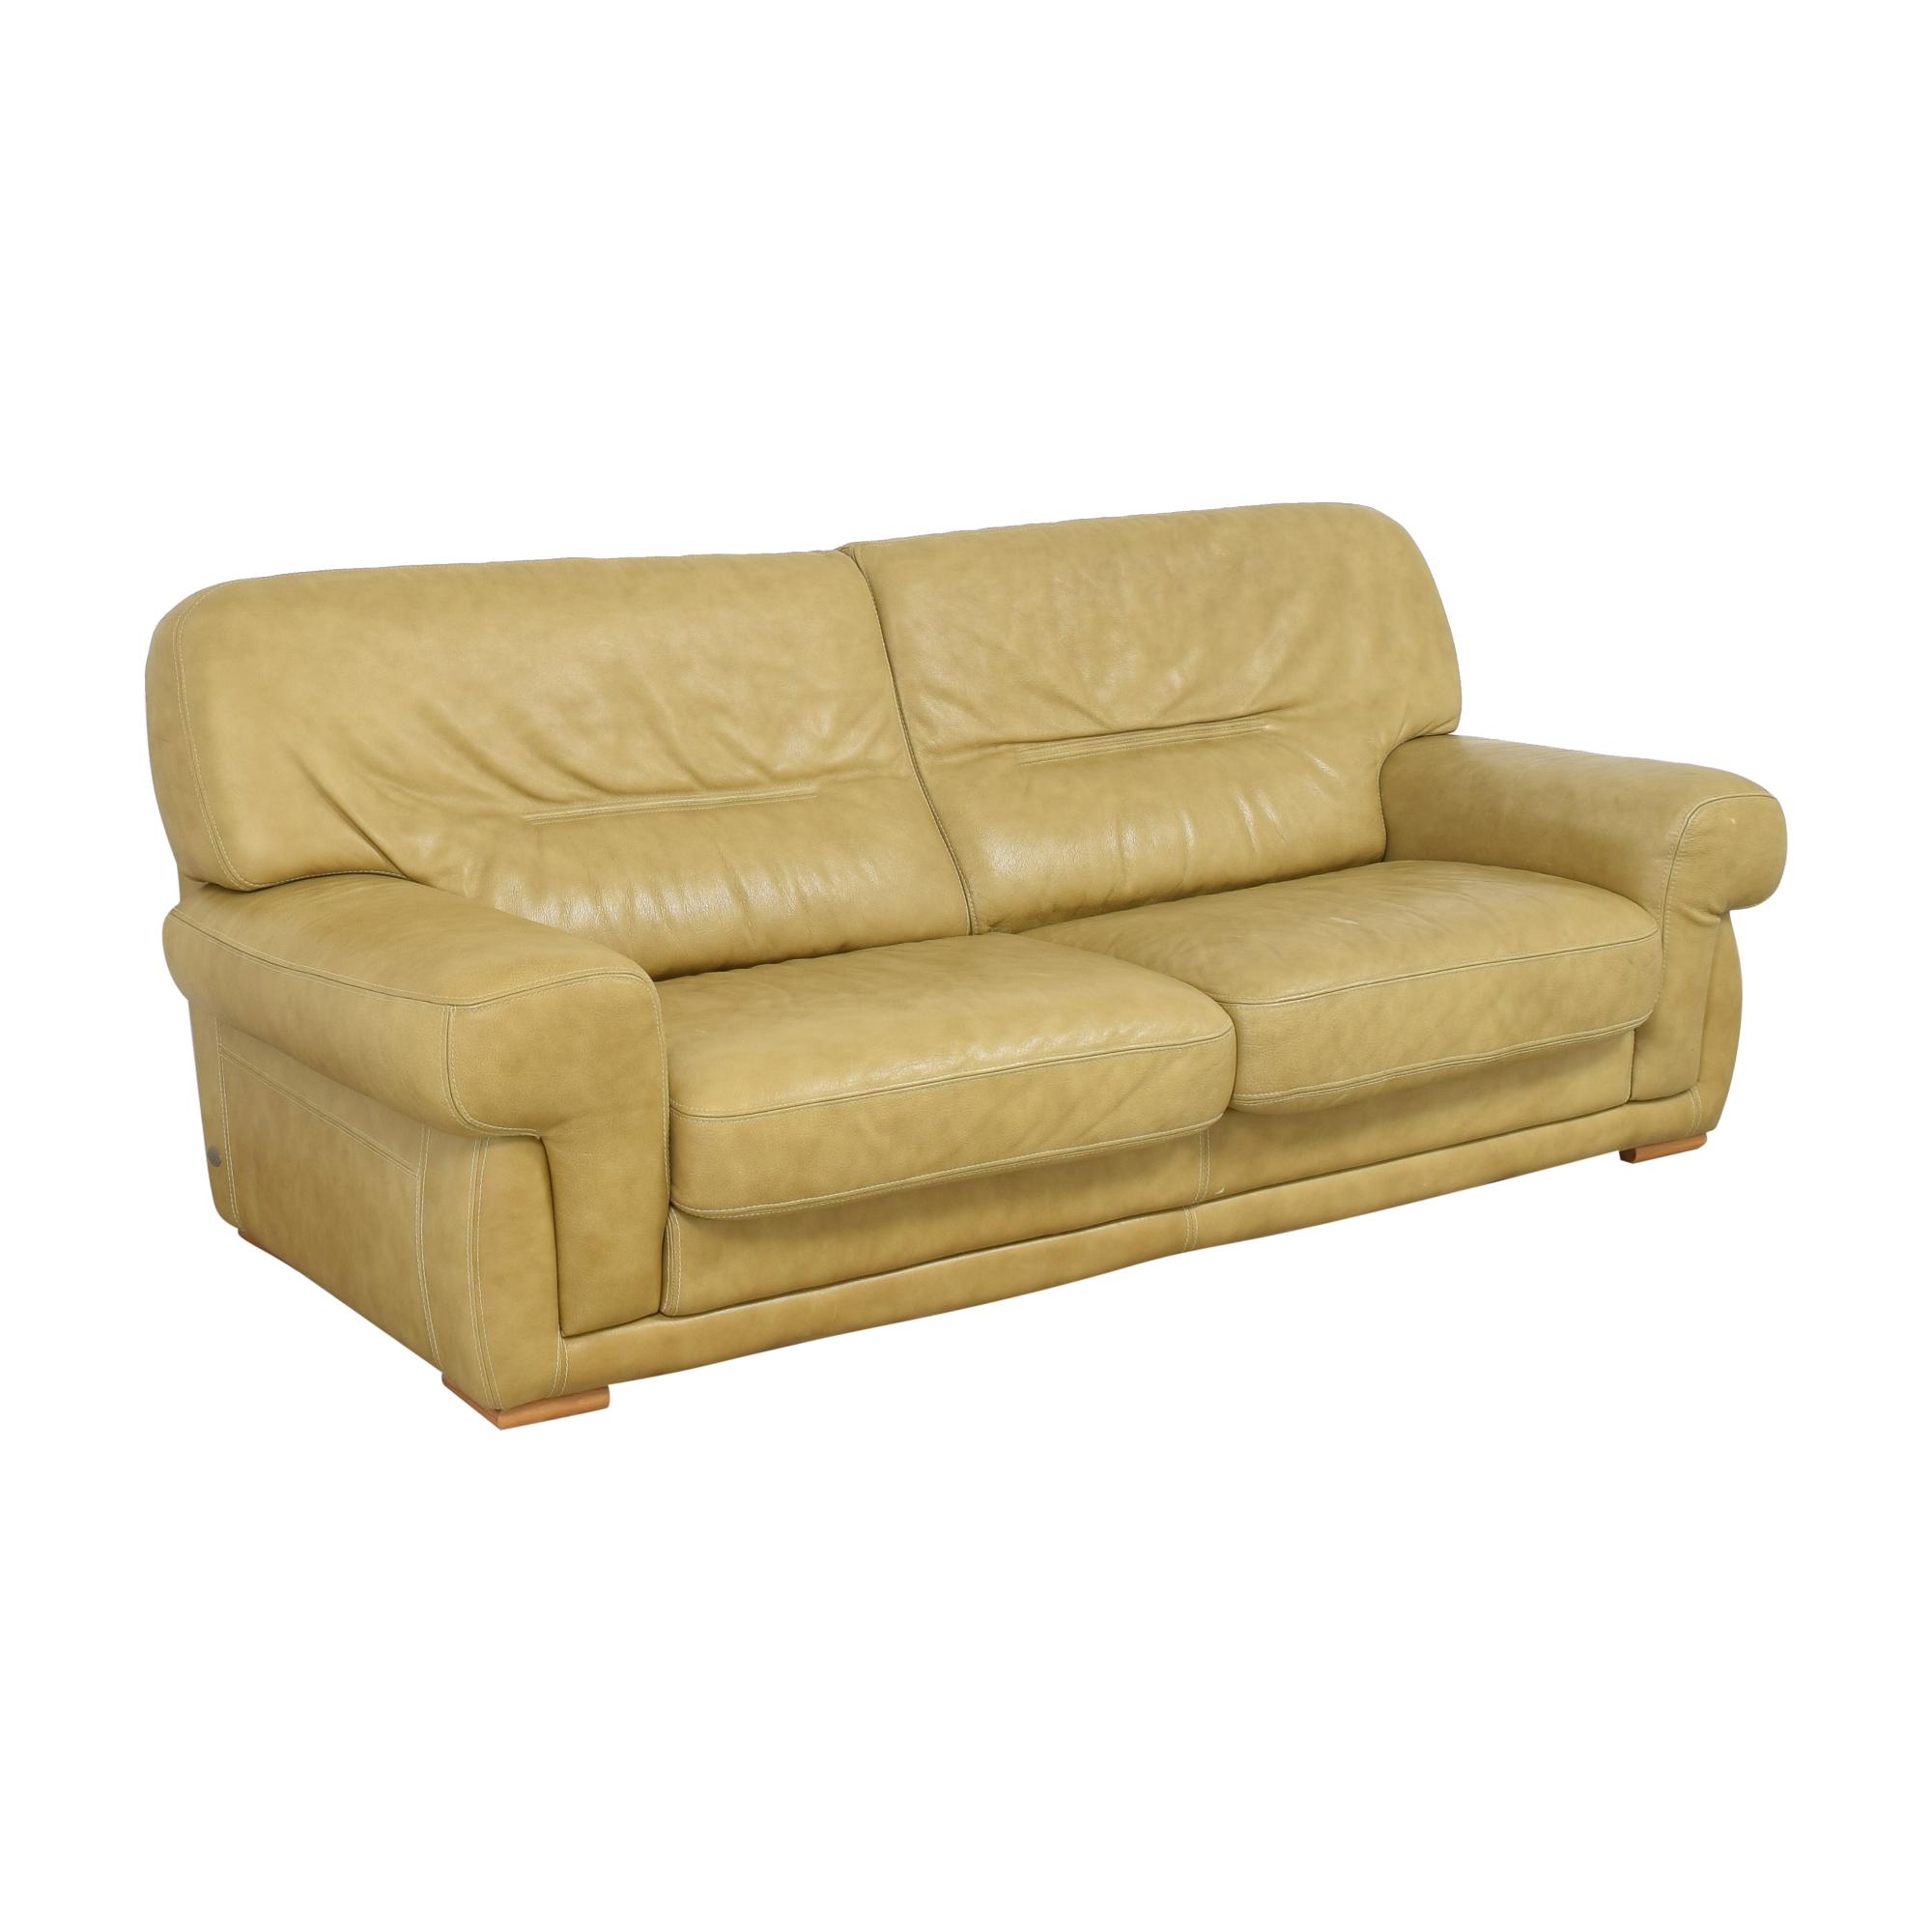 shop Formitalia Two Cushion Sofa Formitalia